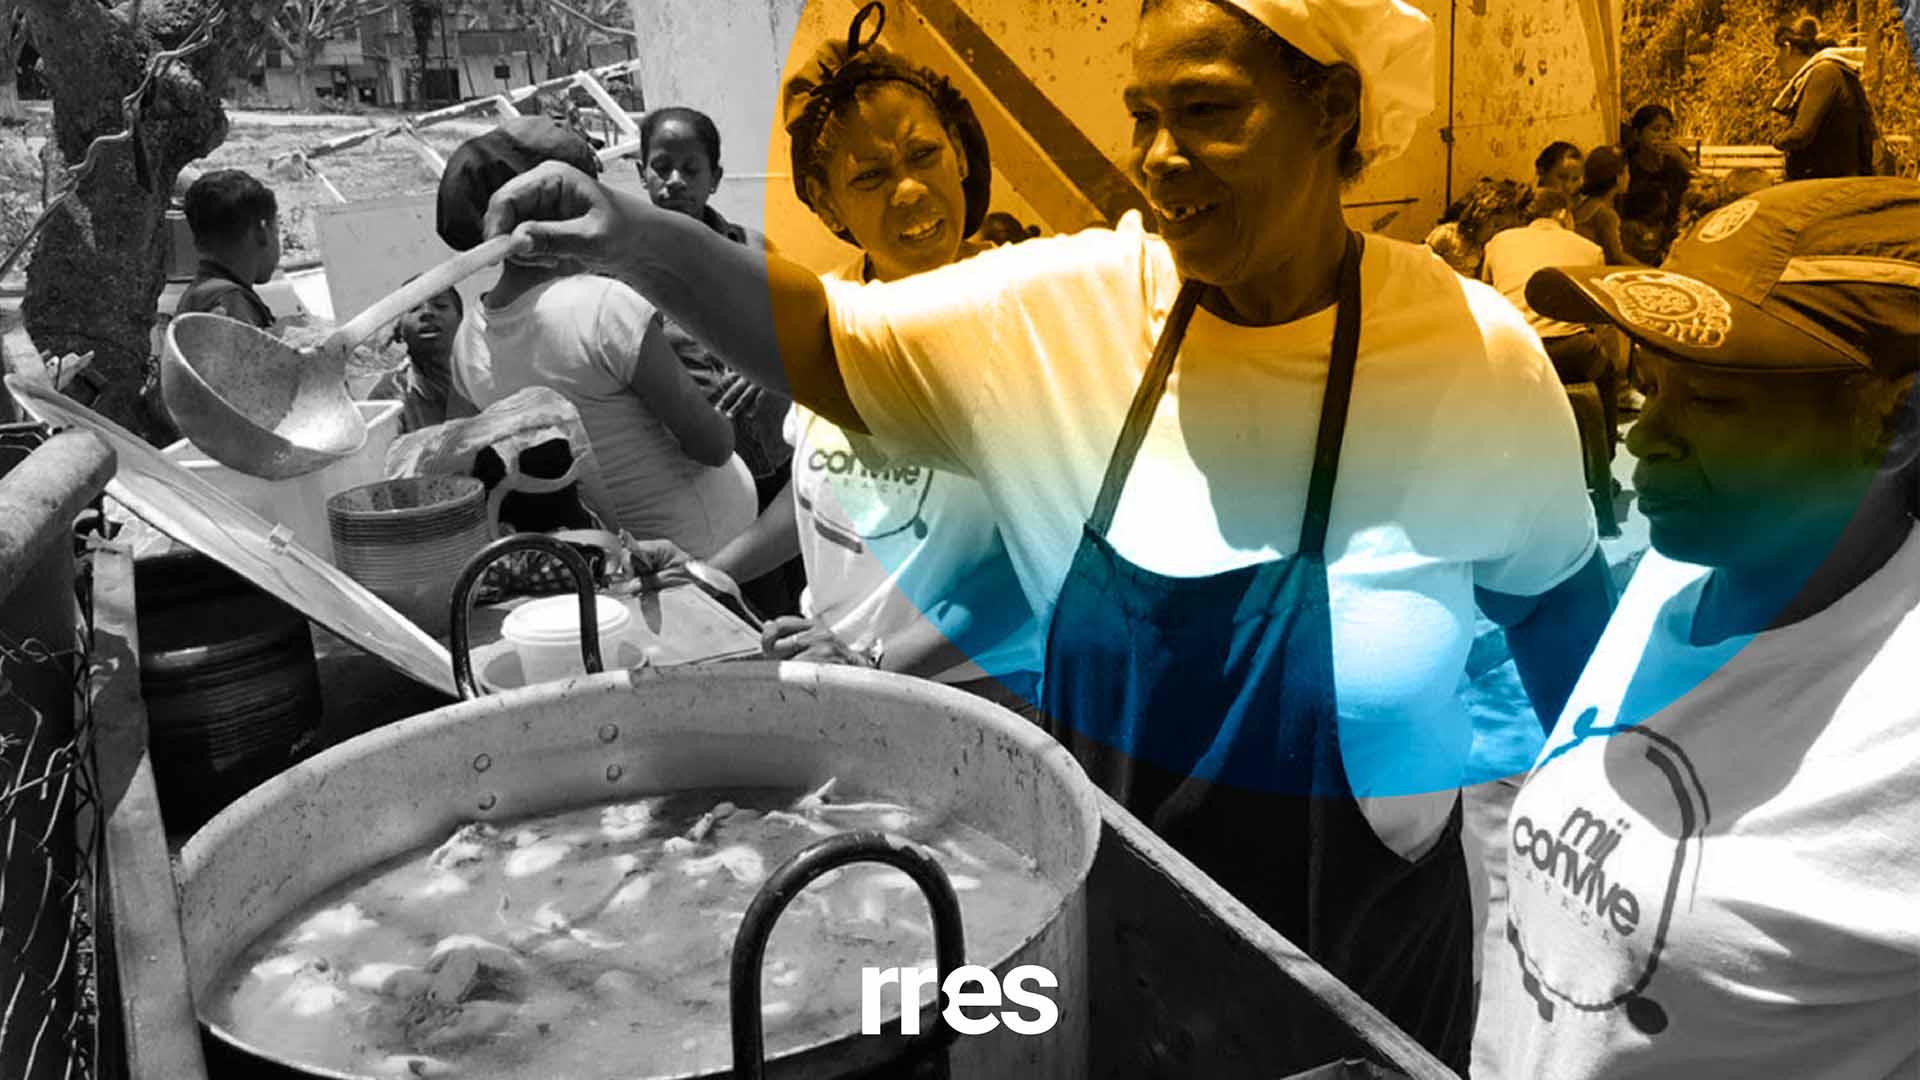 Los valores democráticos viven en las comunidades, por Roberto Patiño